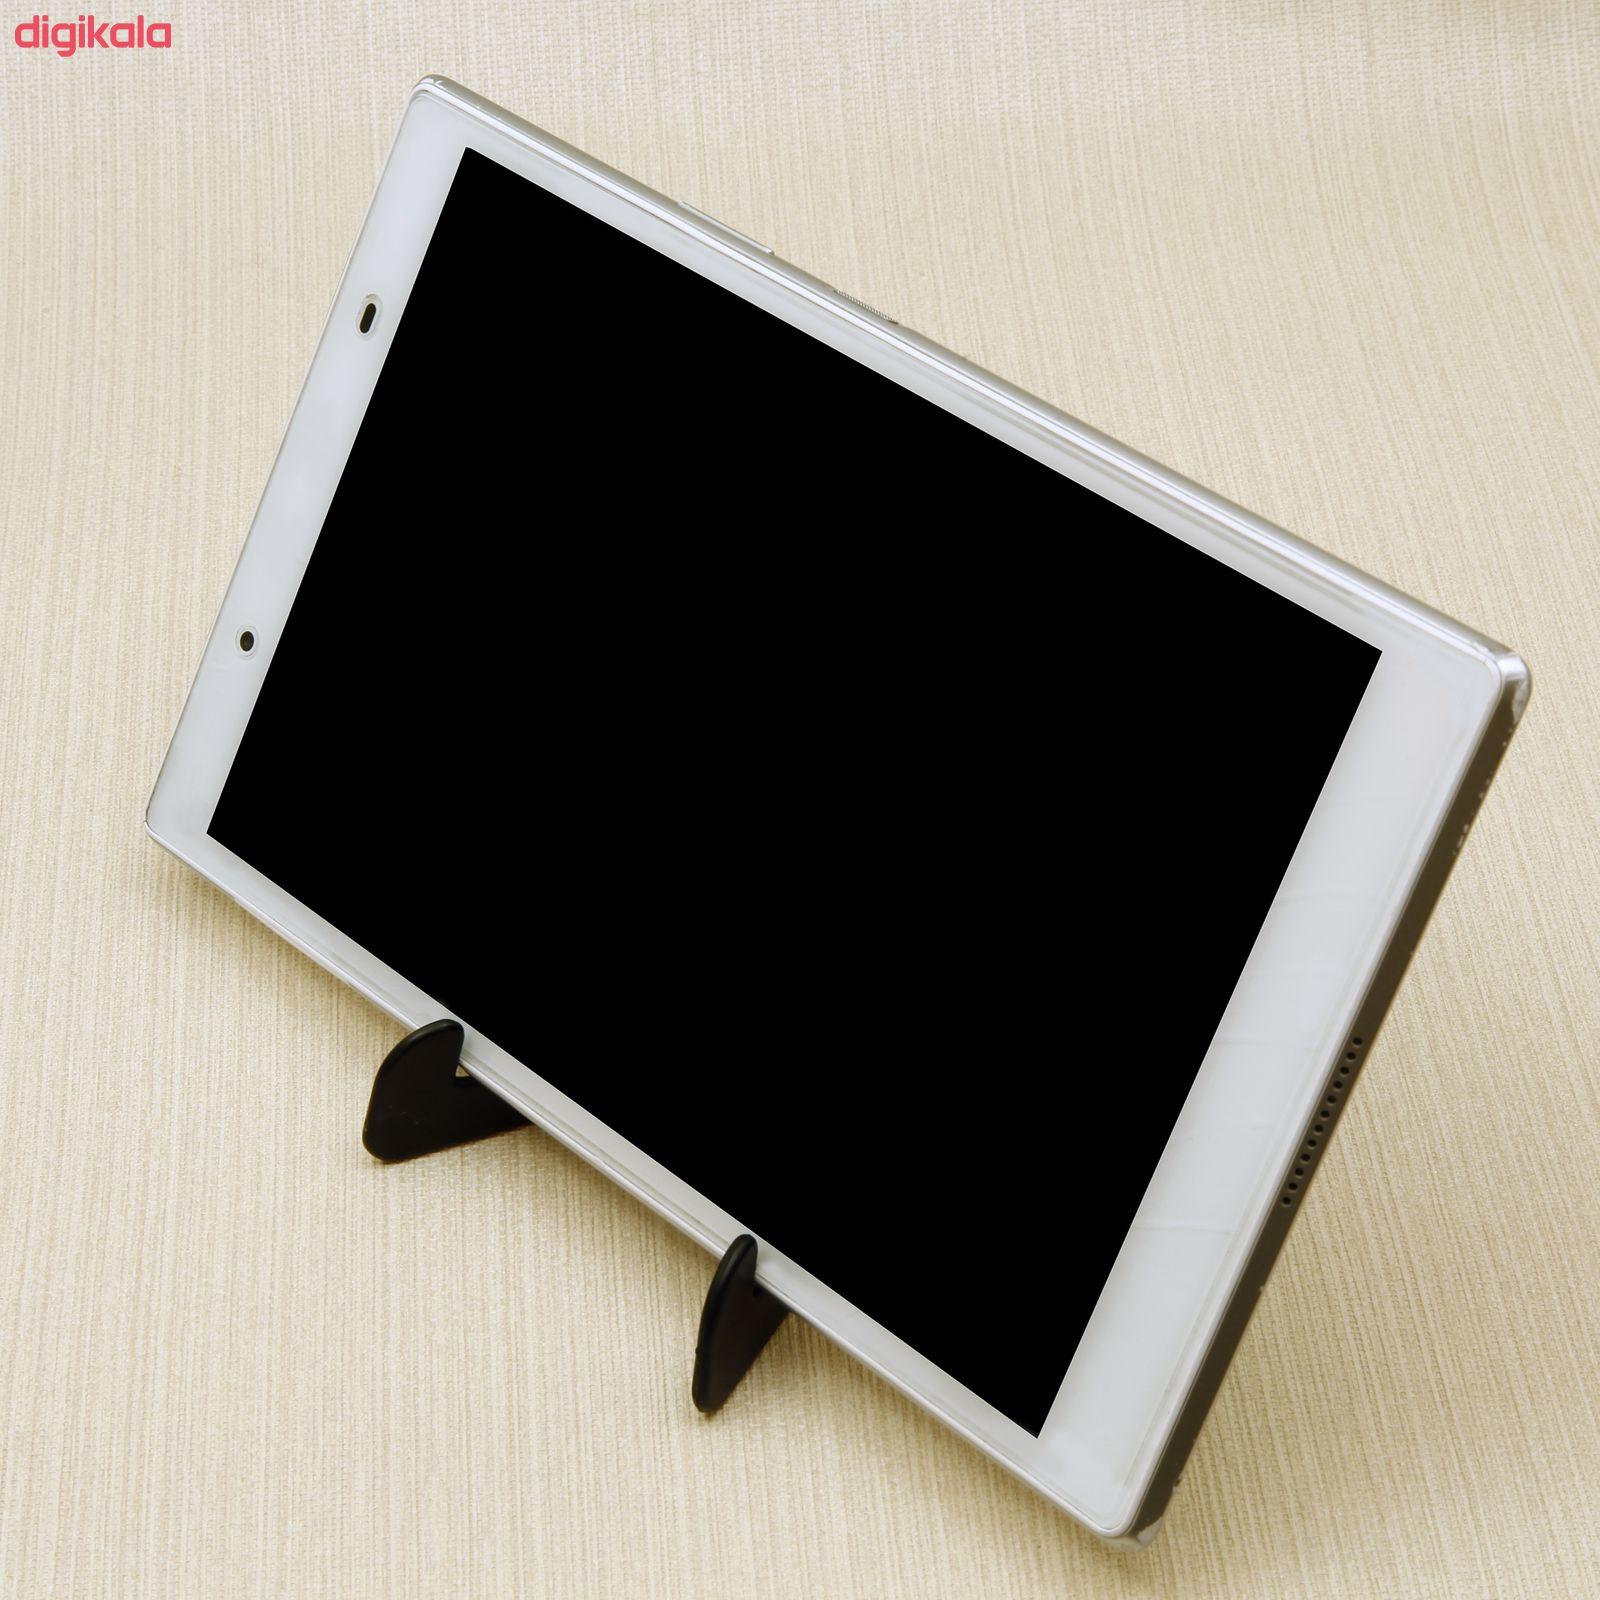 پایه نگهدارنده گوشی موبایل سومگ مدل SMG-TL main 1 11